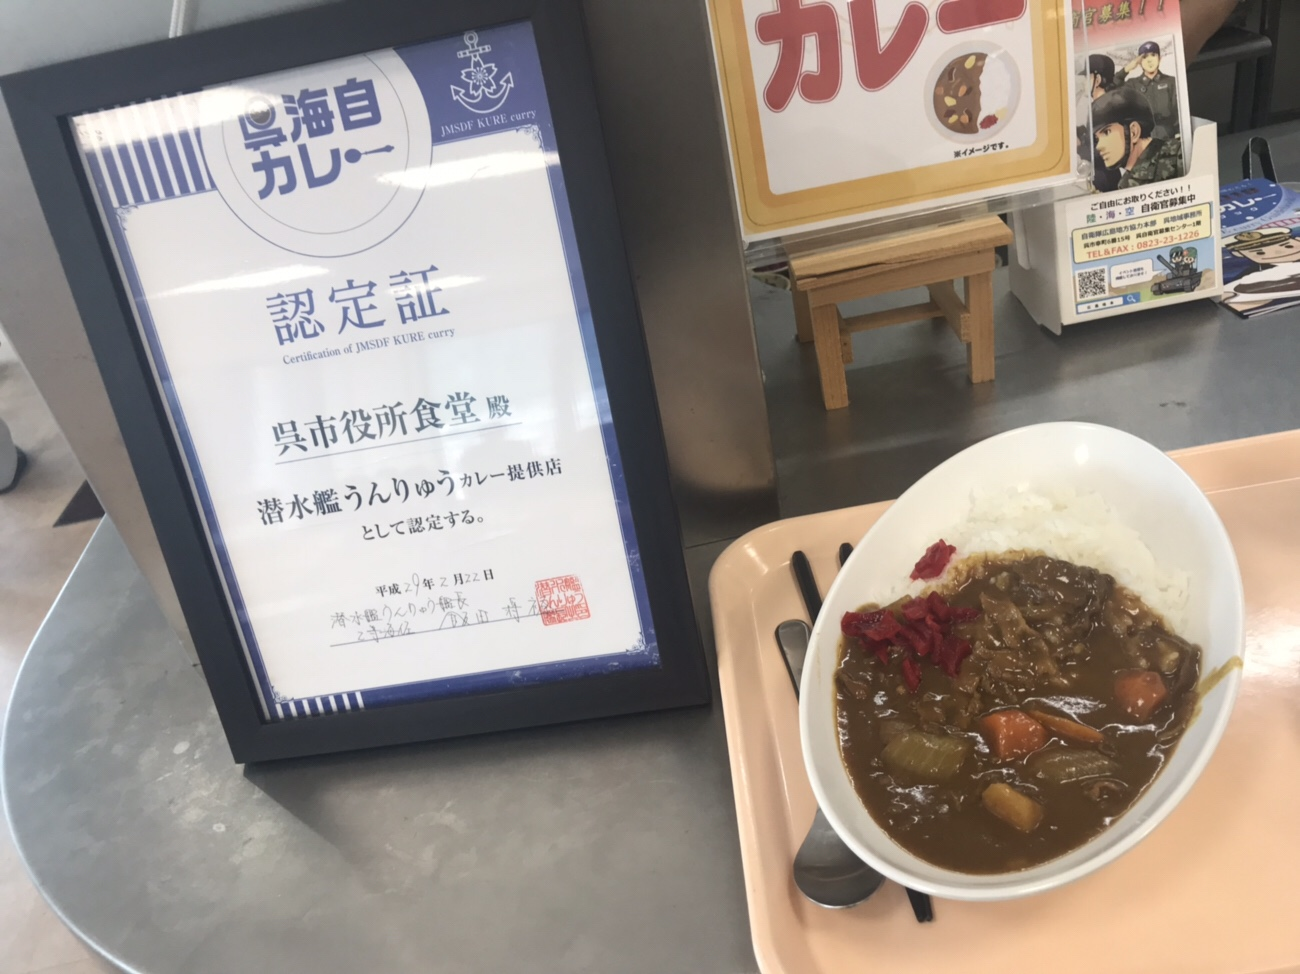 呉海自カレーの認定証 呉市役所食堂